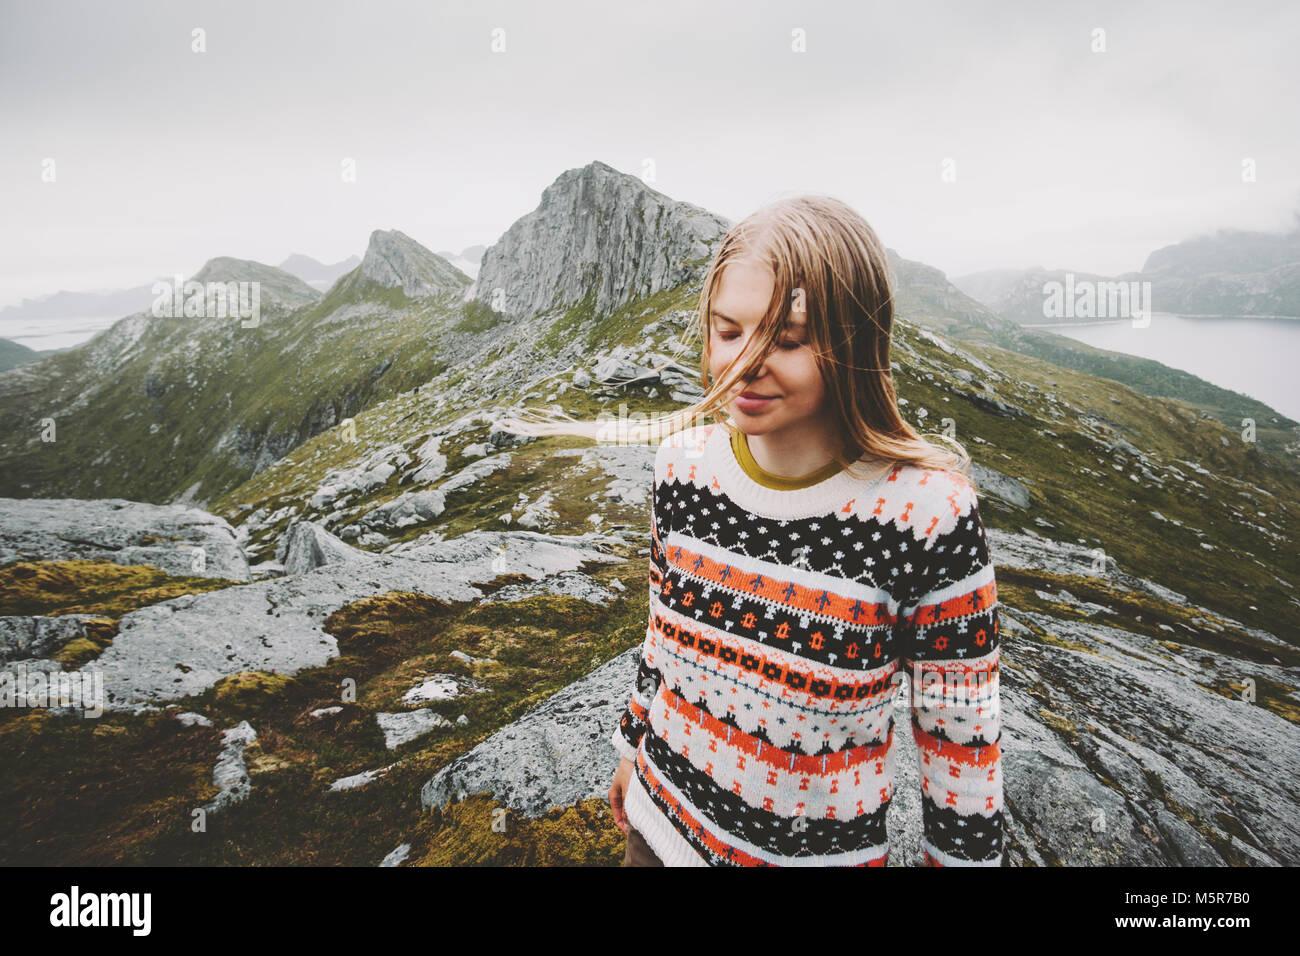 Young blonde woman walking in Norway mountains Travel concept émotionnel de vie en plein air d'aventure Photo Stock